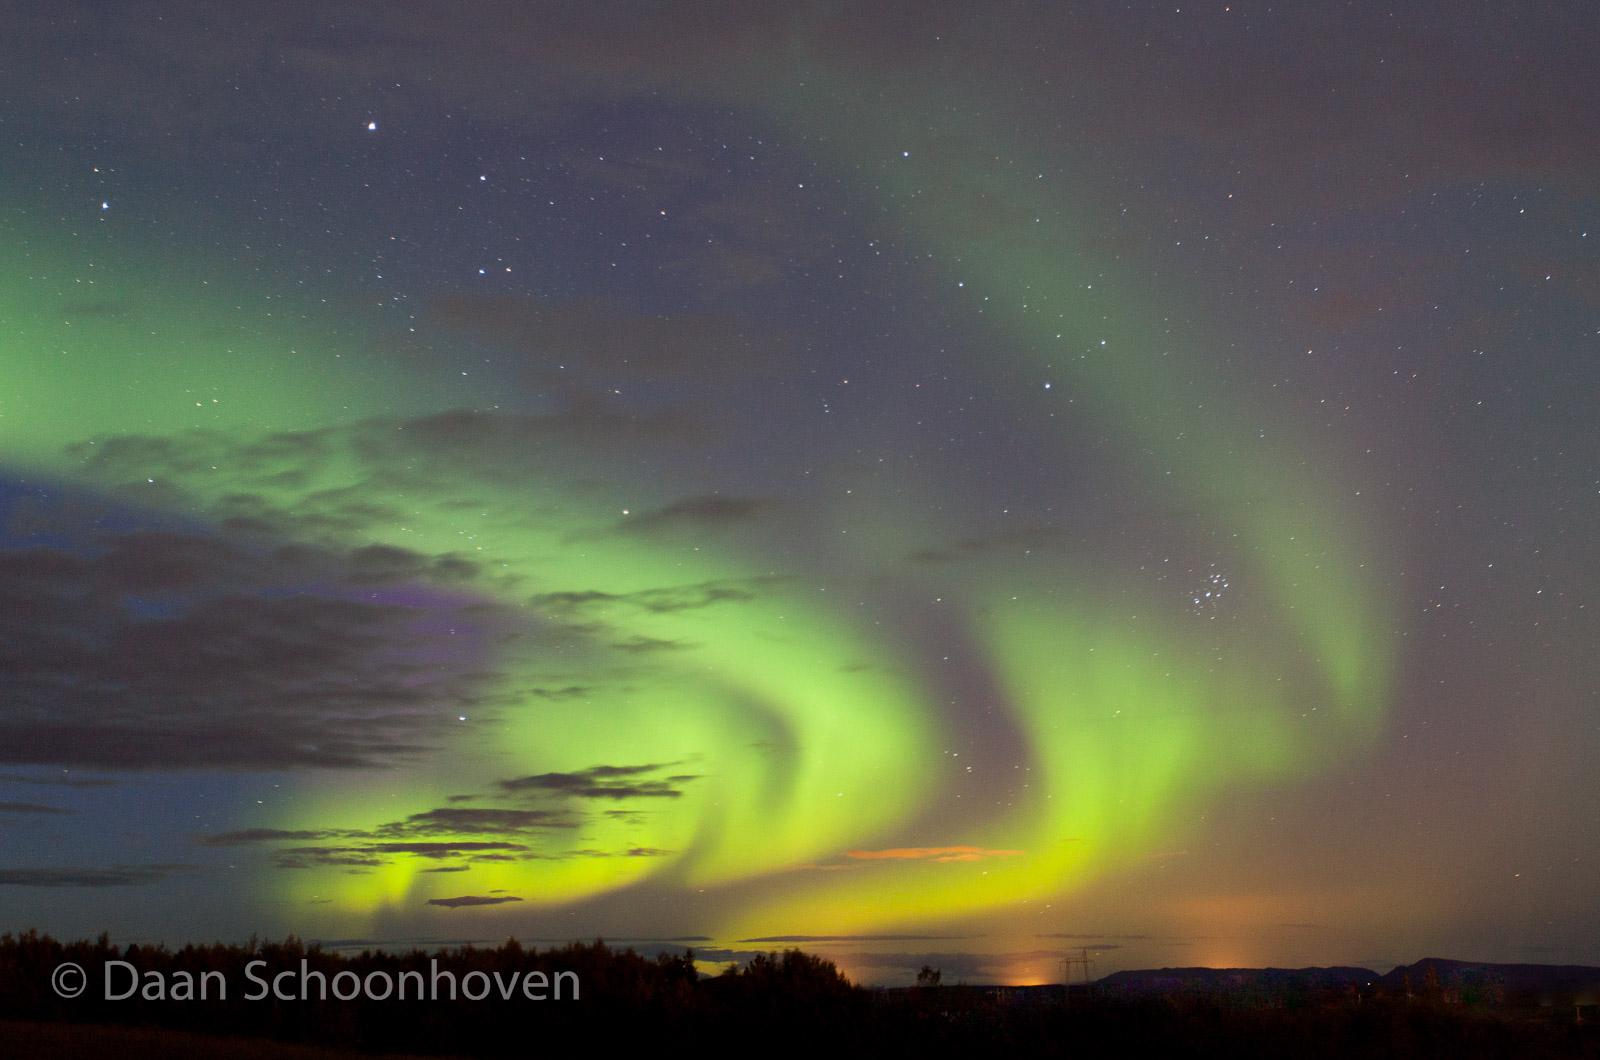 IJsland_selectie_Photographer- Daan Schoonhoven20150914-_MG_9320